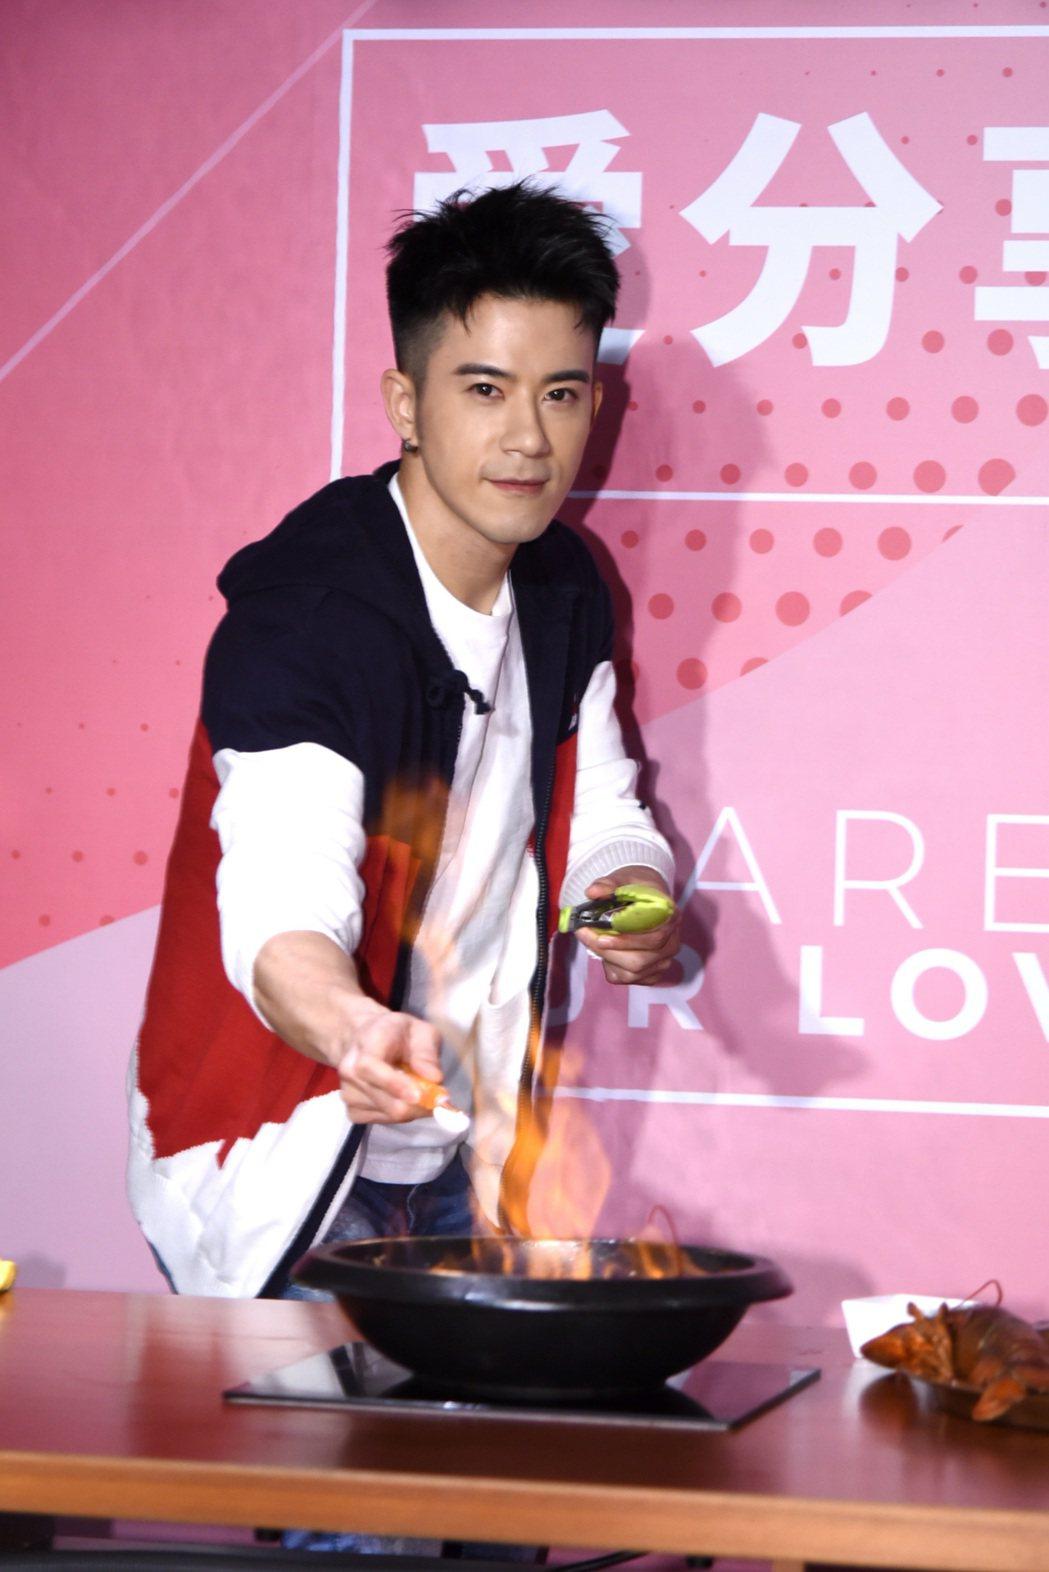 JR在新戲中擔任廚師,現場也秀廚藝,當場料理火焰爆炒龍蝦石頭鍋。圖/天晴娛樂提供